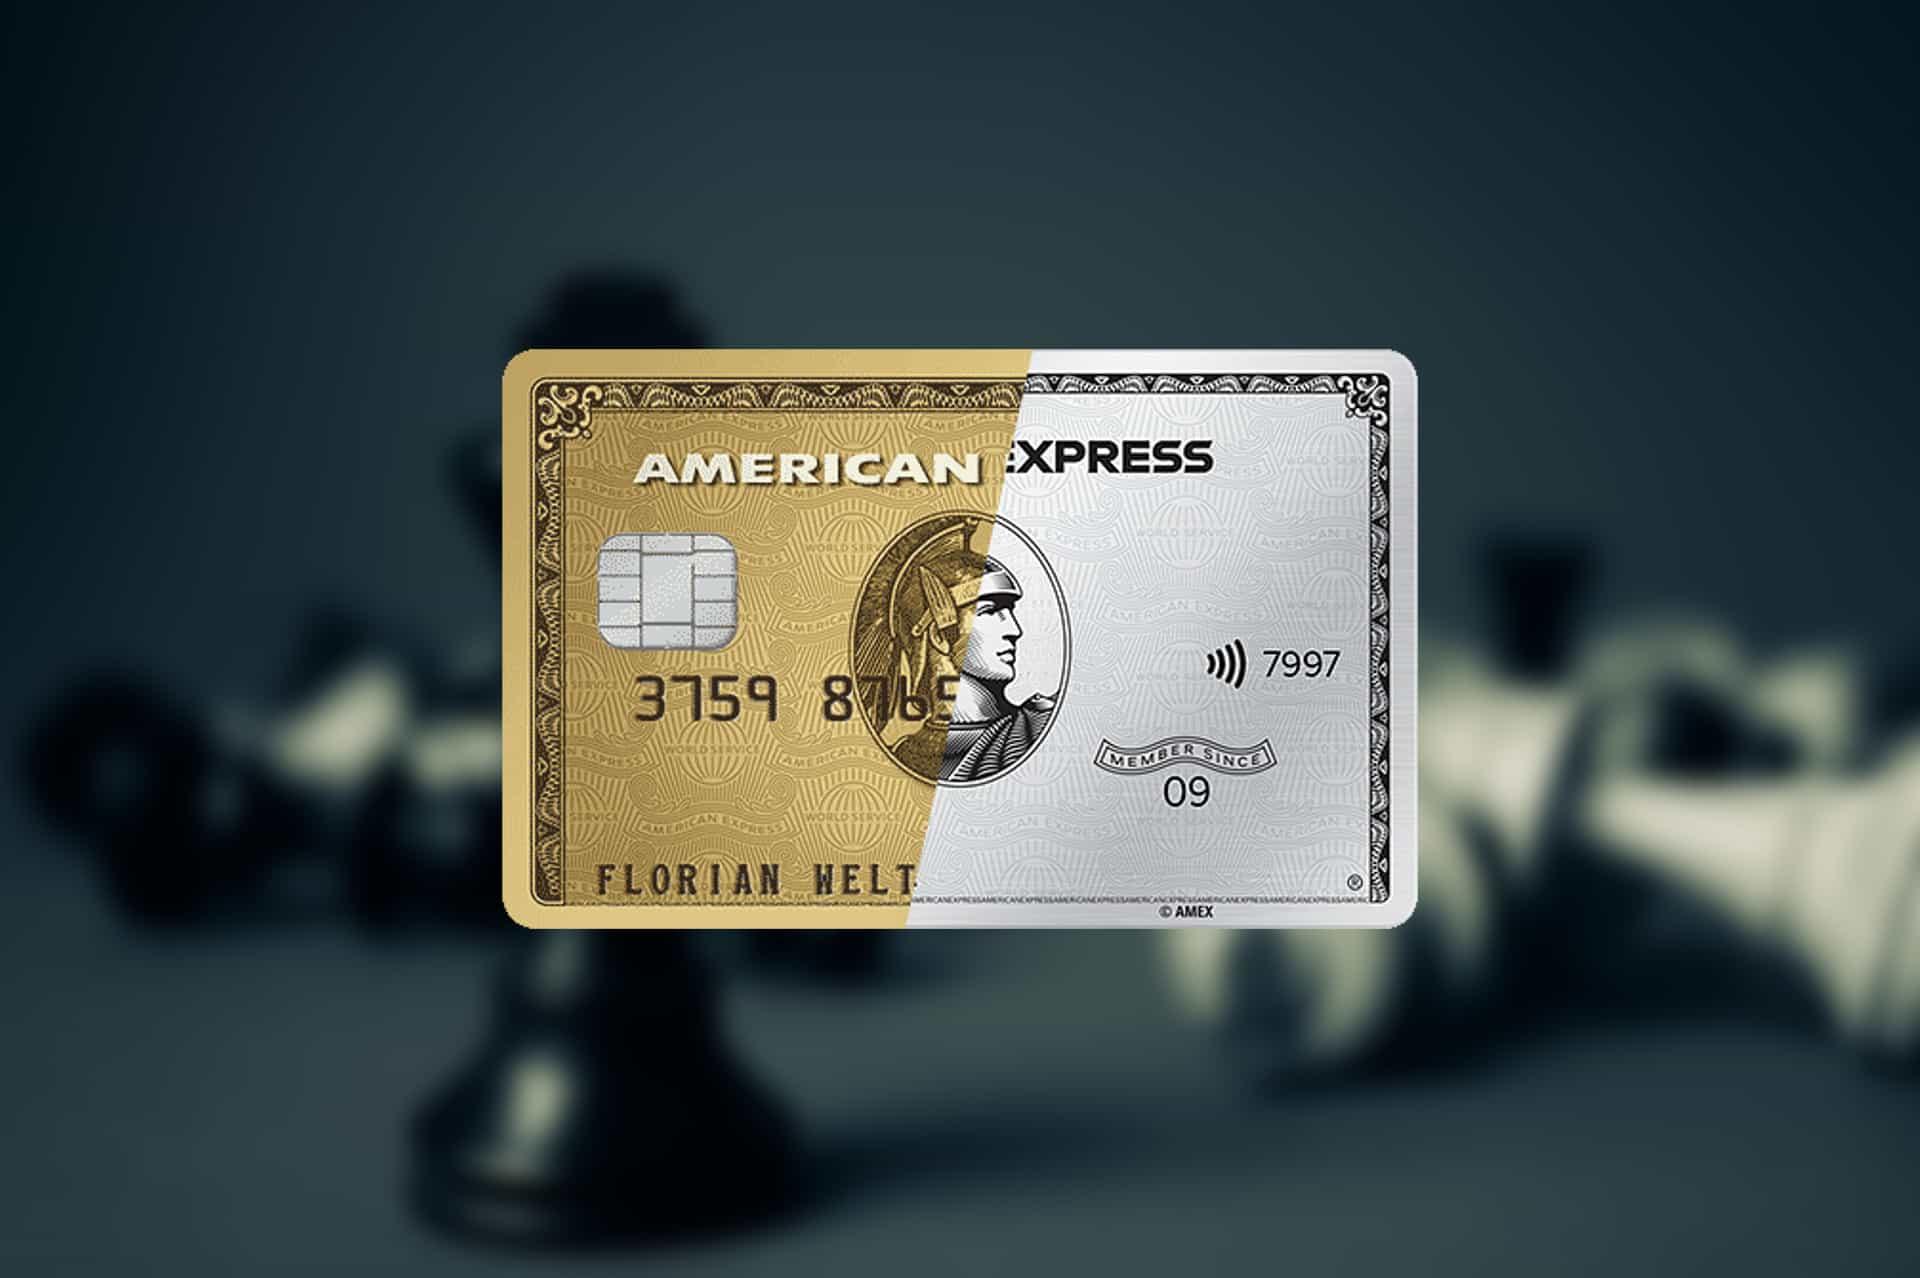 Versicherungsleistungen der Amex Gold & Platinum im Vergleich